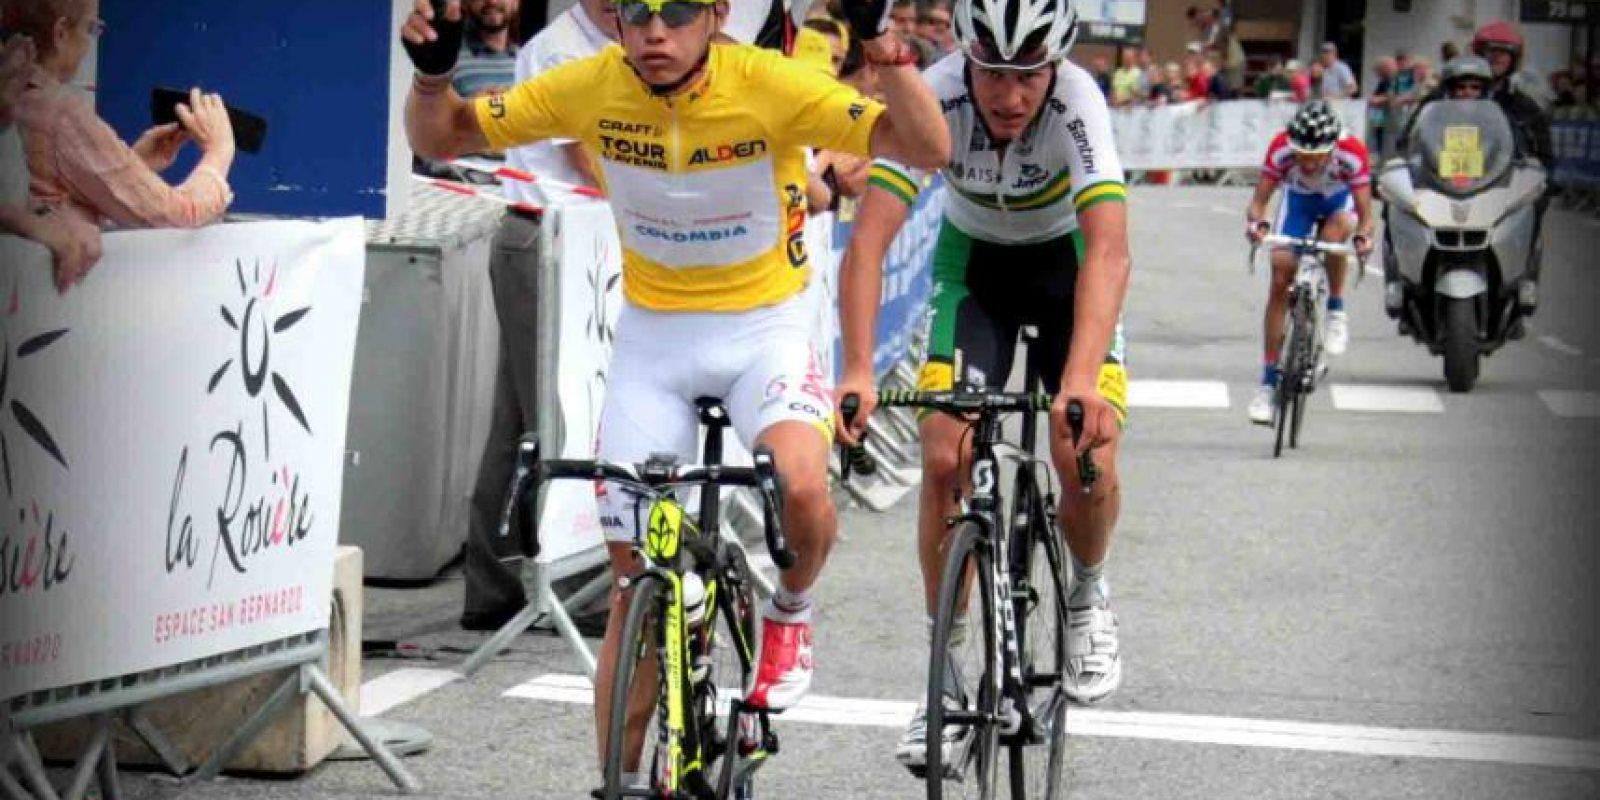 Miguel Ángel López (amarillo) fue contratado por el equipo Astana luego de vencer en el Tour del Avenir 2014. Foto:Tomada de coc.org.co